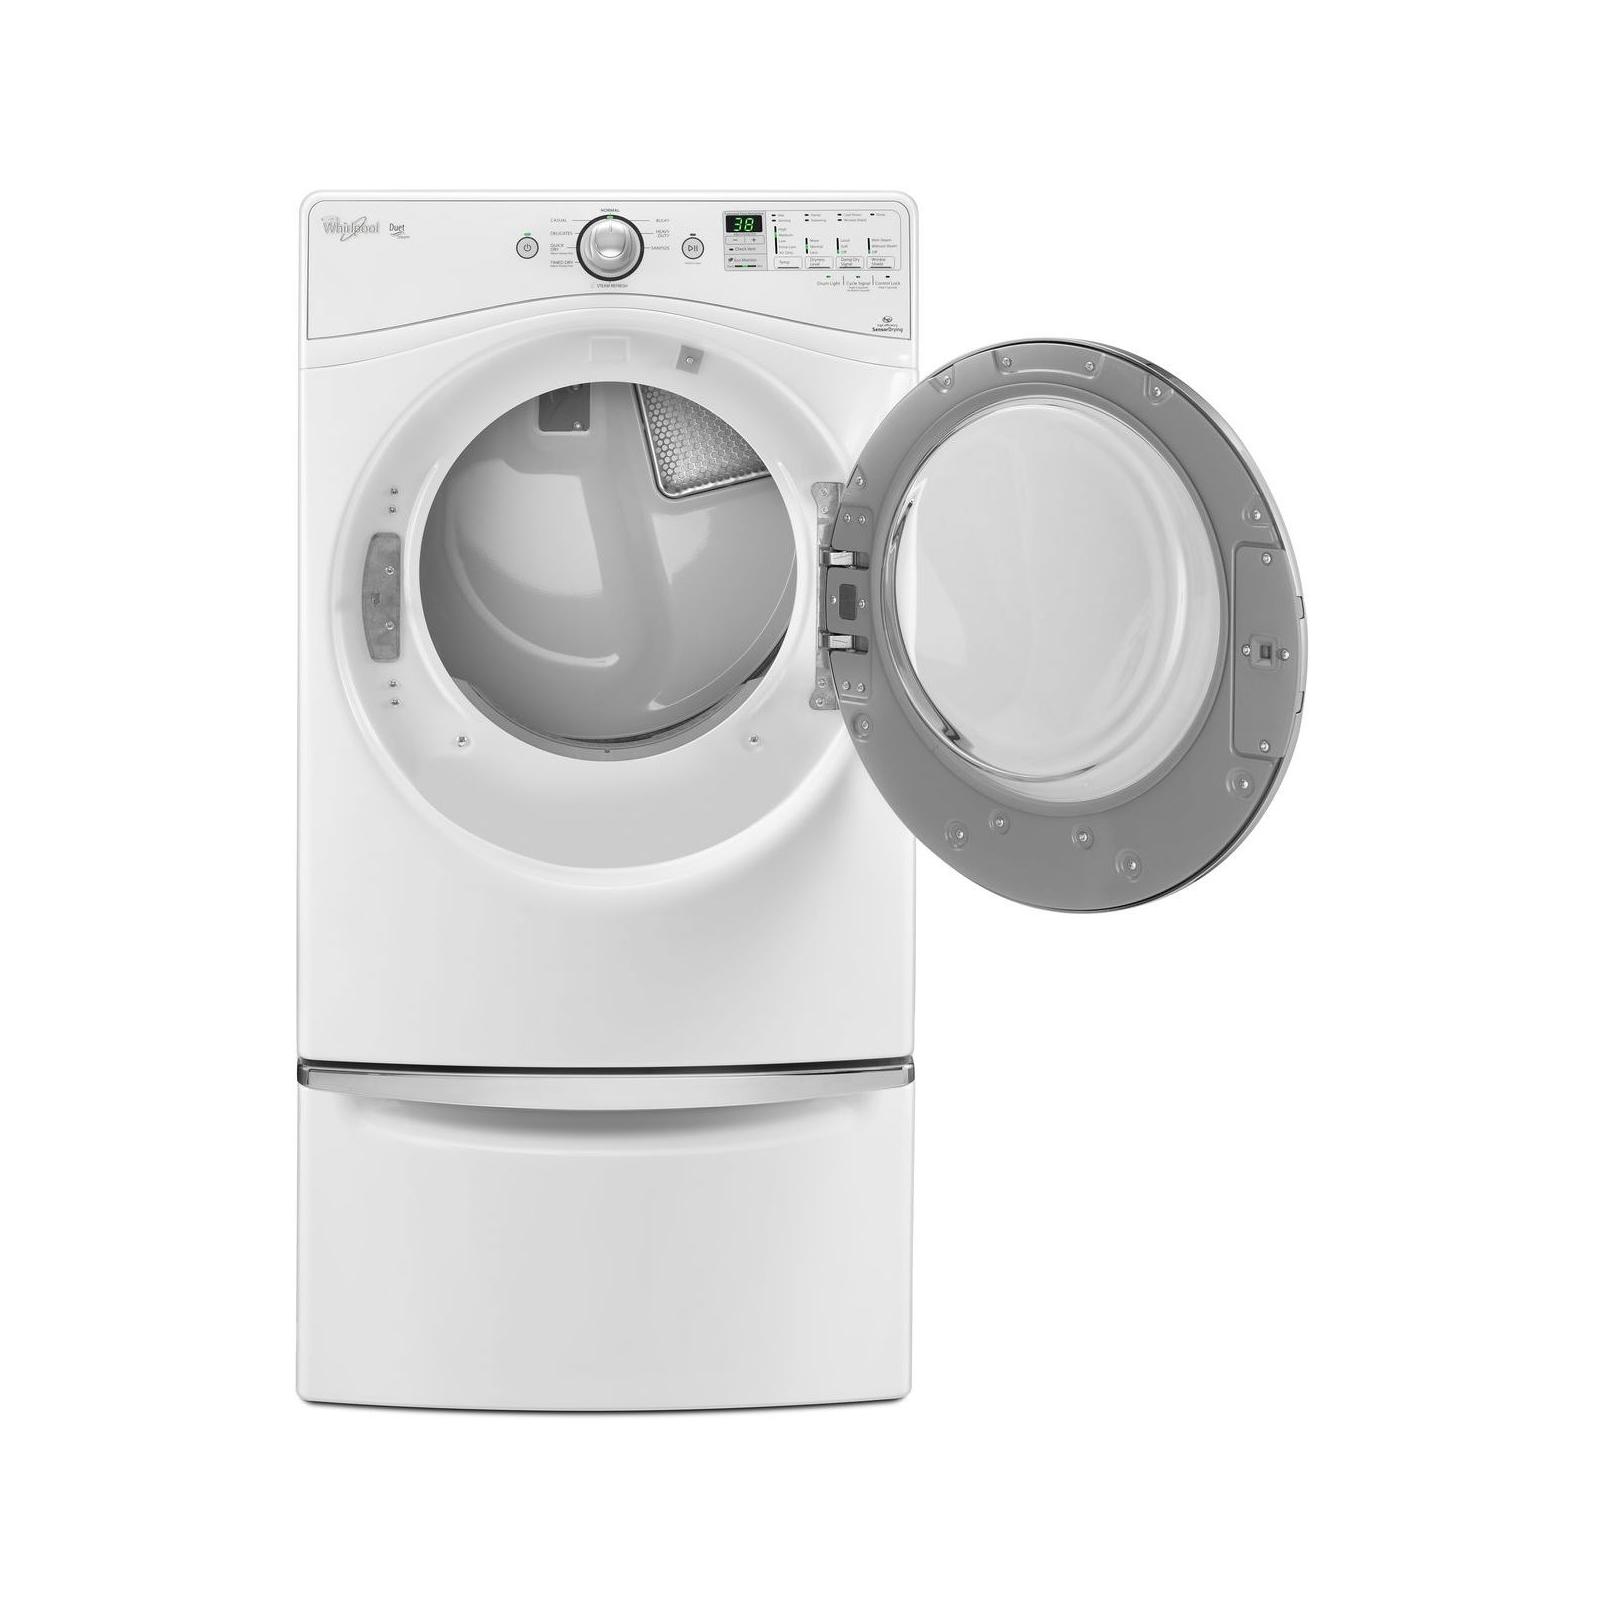 Whirlpool 7.4 cu. ft. Gas Dryer w/ Steam Refresh - White